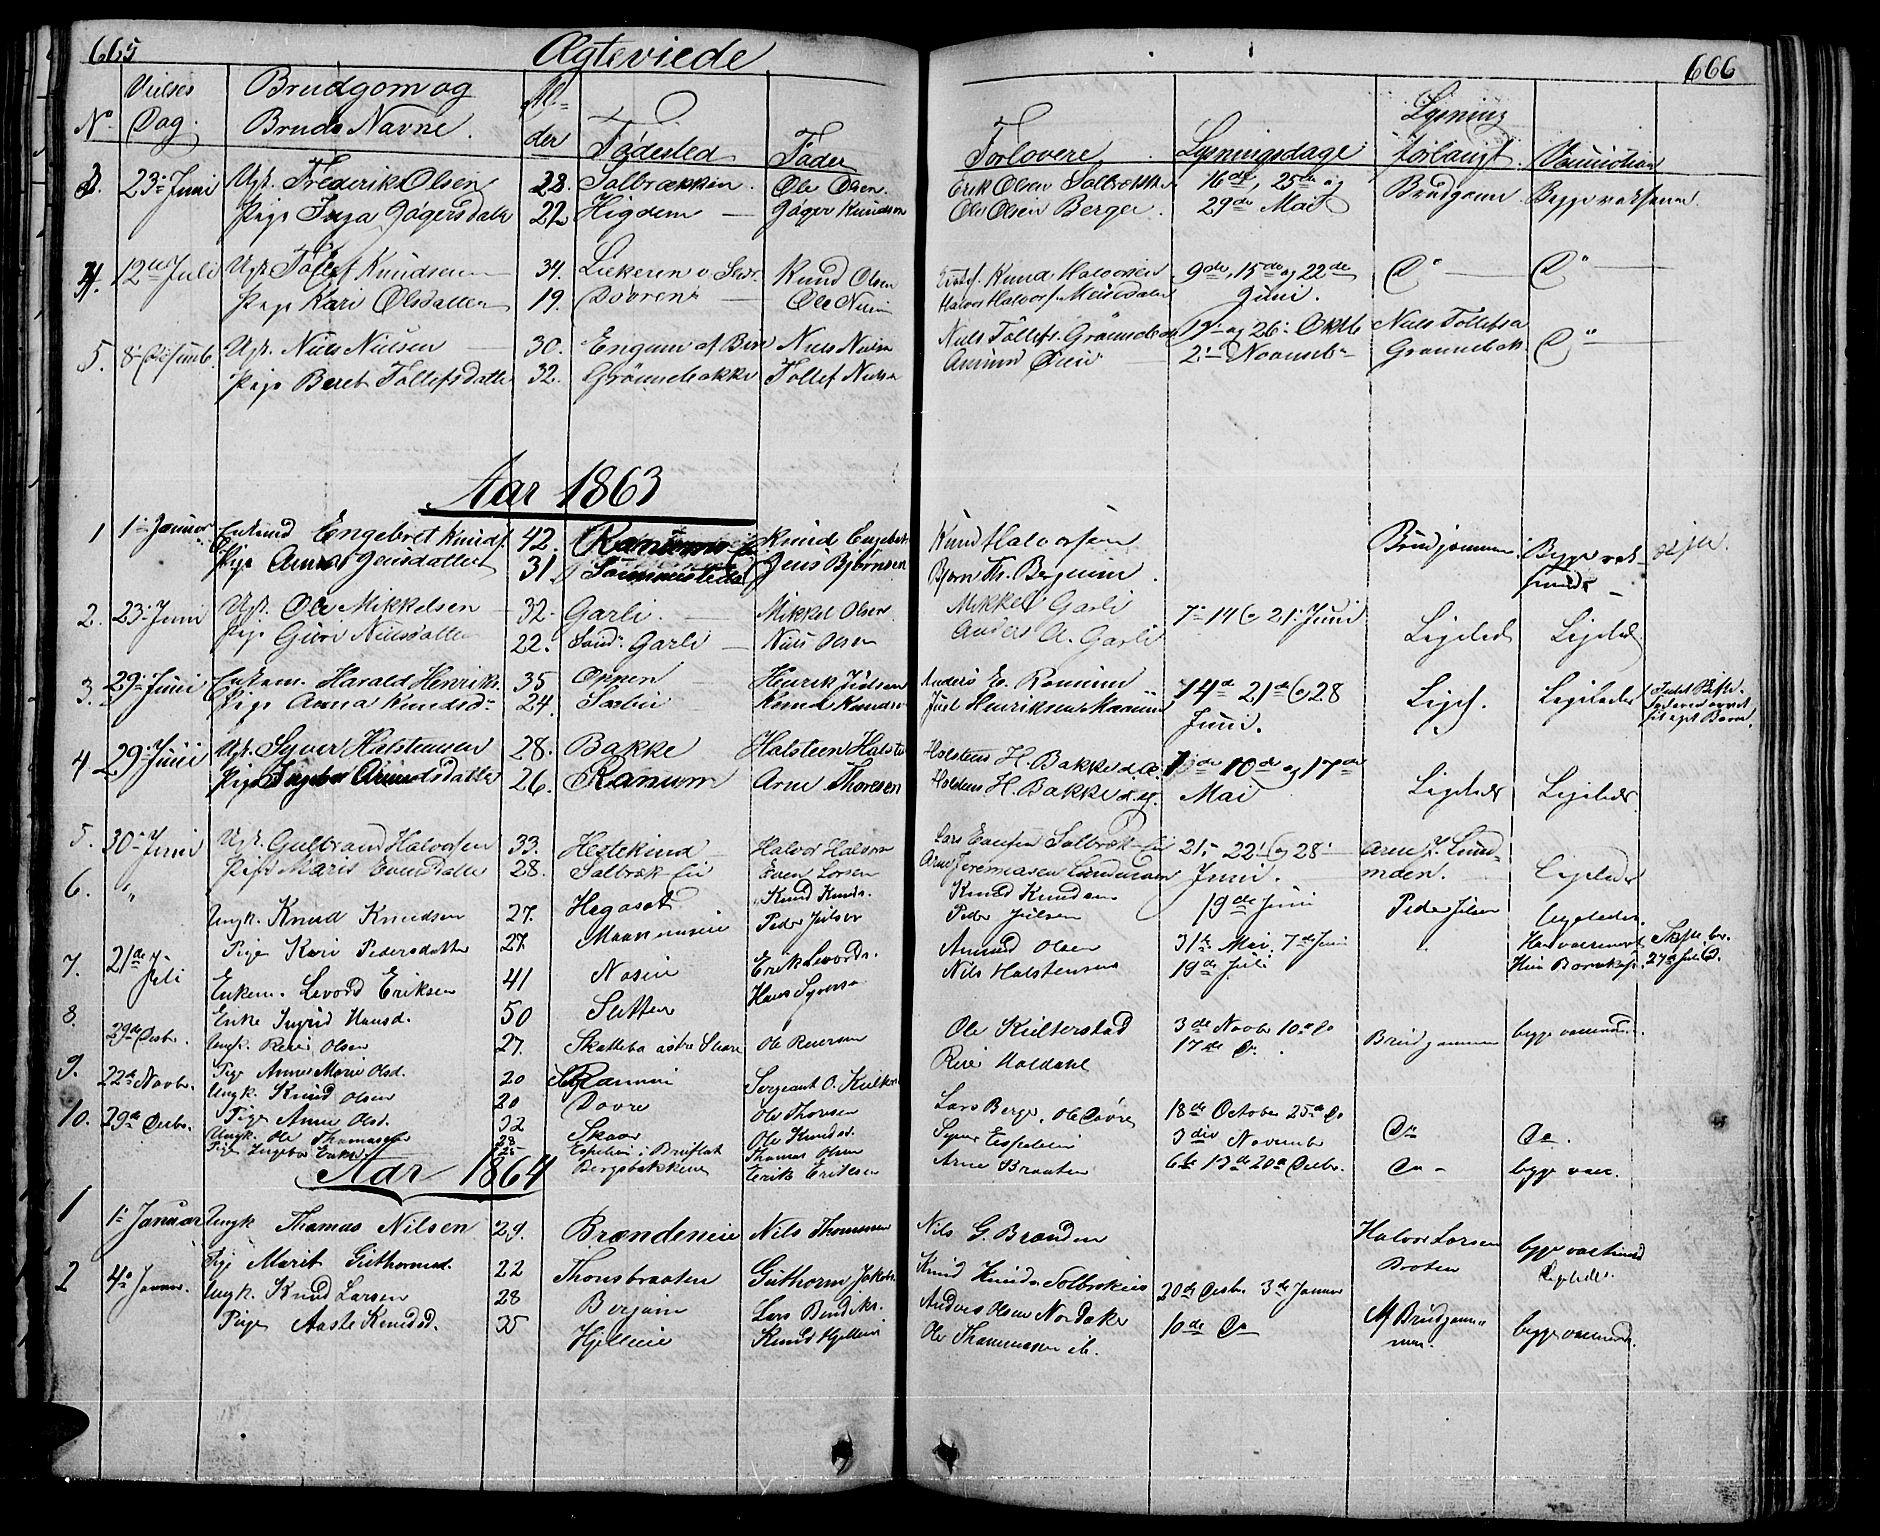 SAH, Nord-Aurdal prestekontor, Klokkerbok nr. 1, 1834-1887, s. 665-666